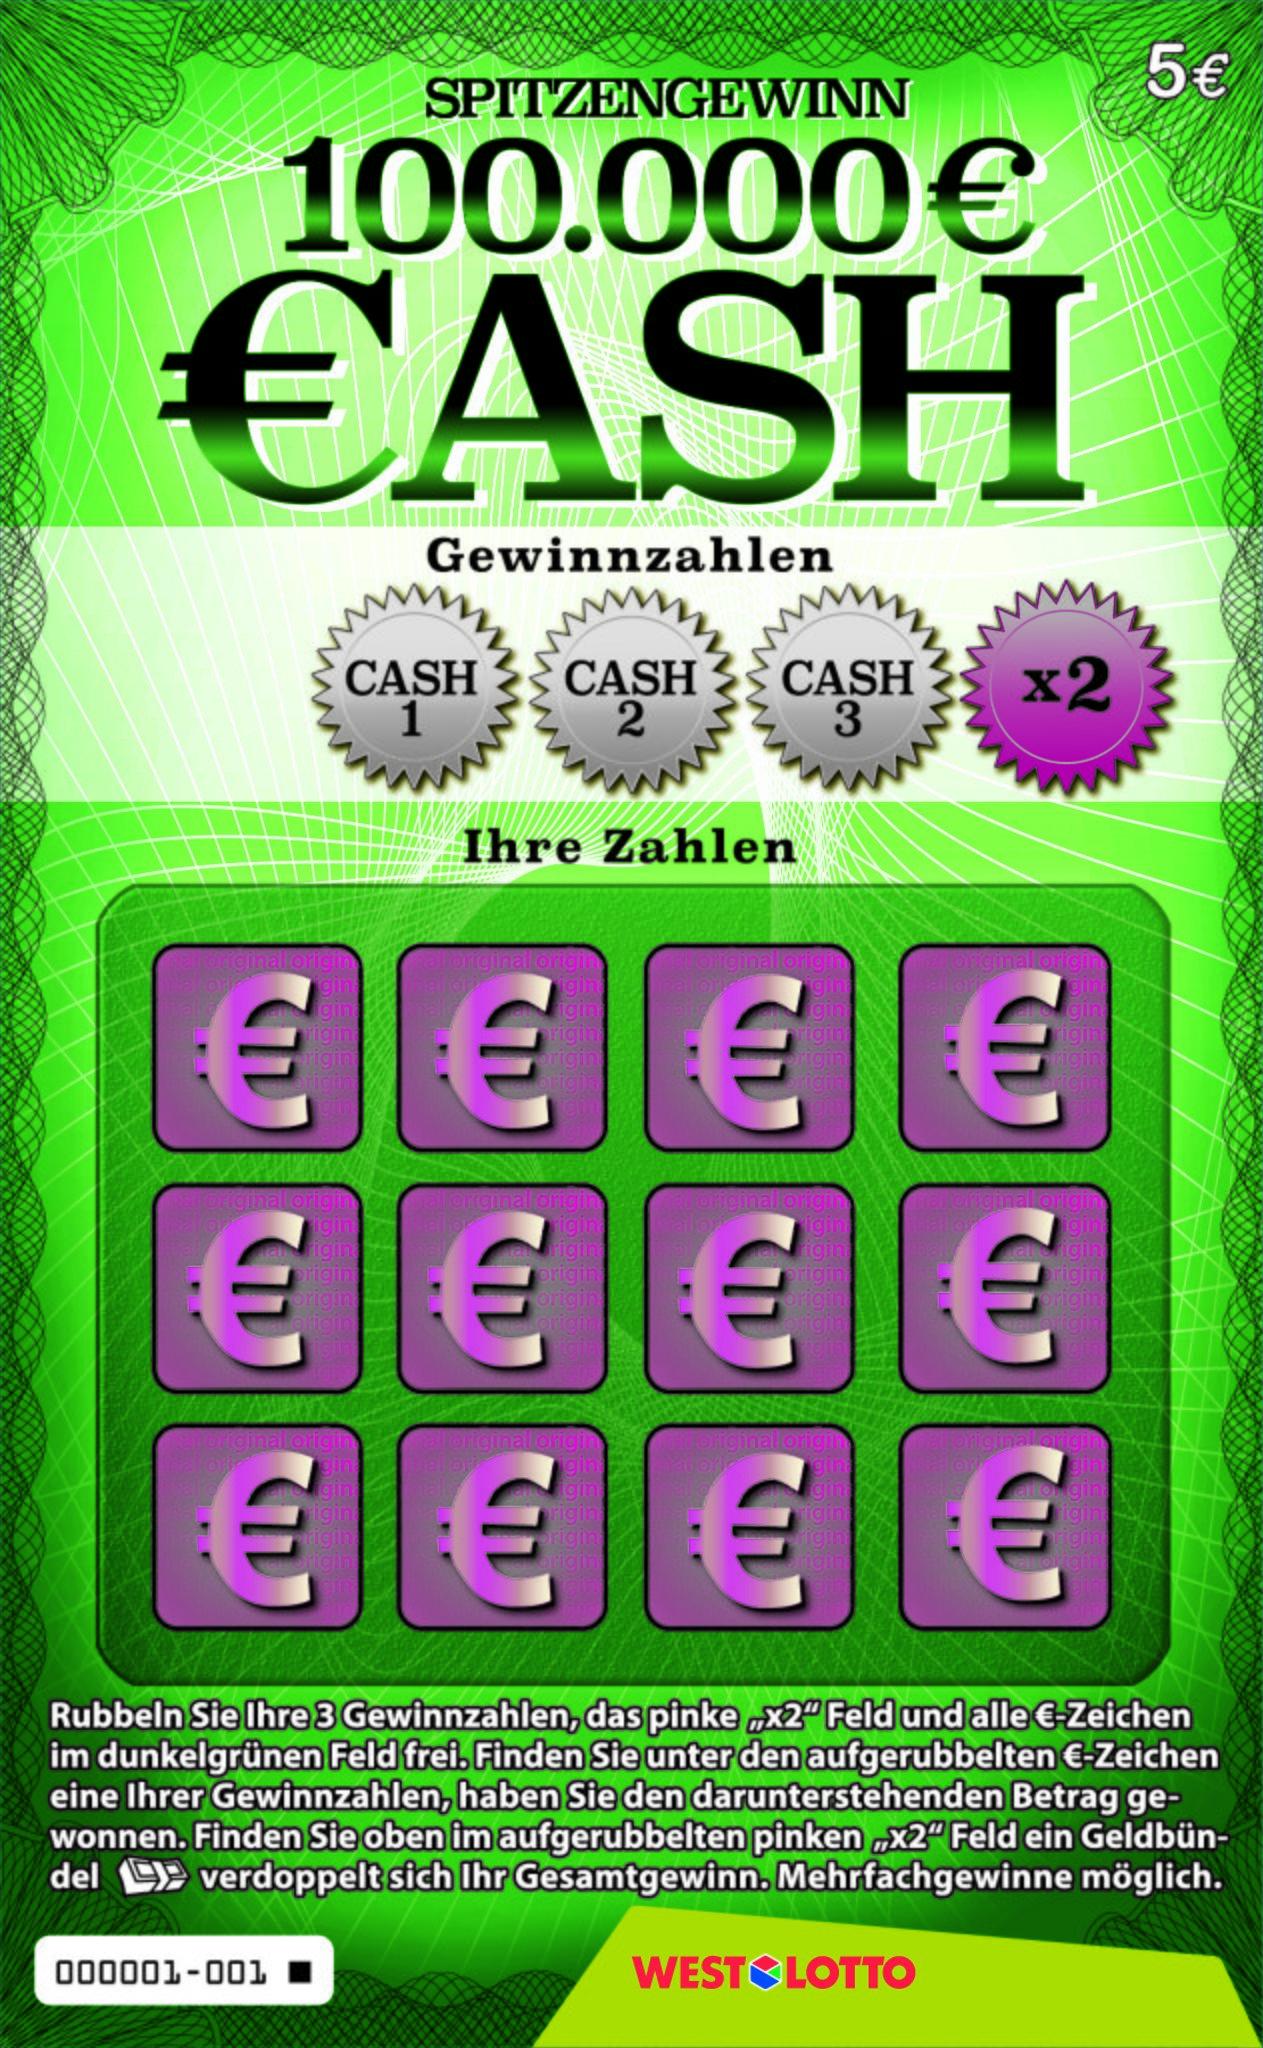 Dieser Geldschein Konnte 100 000 Euro Wert Sein